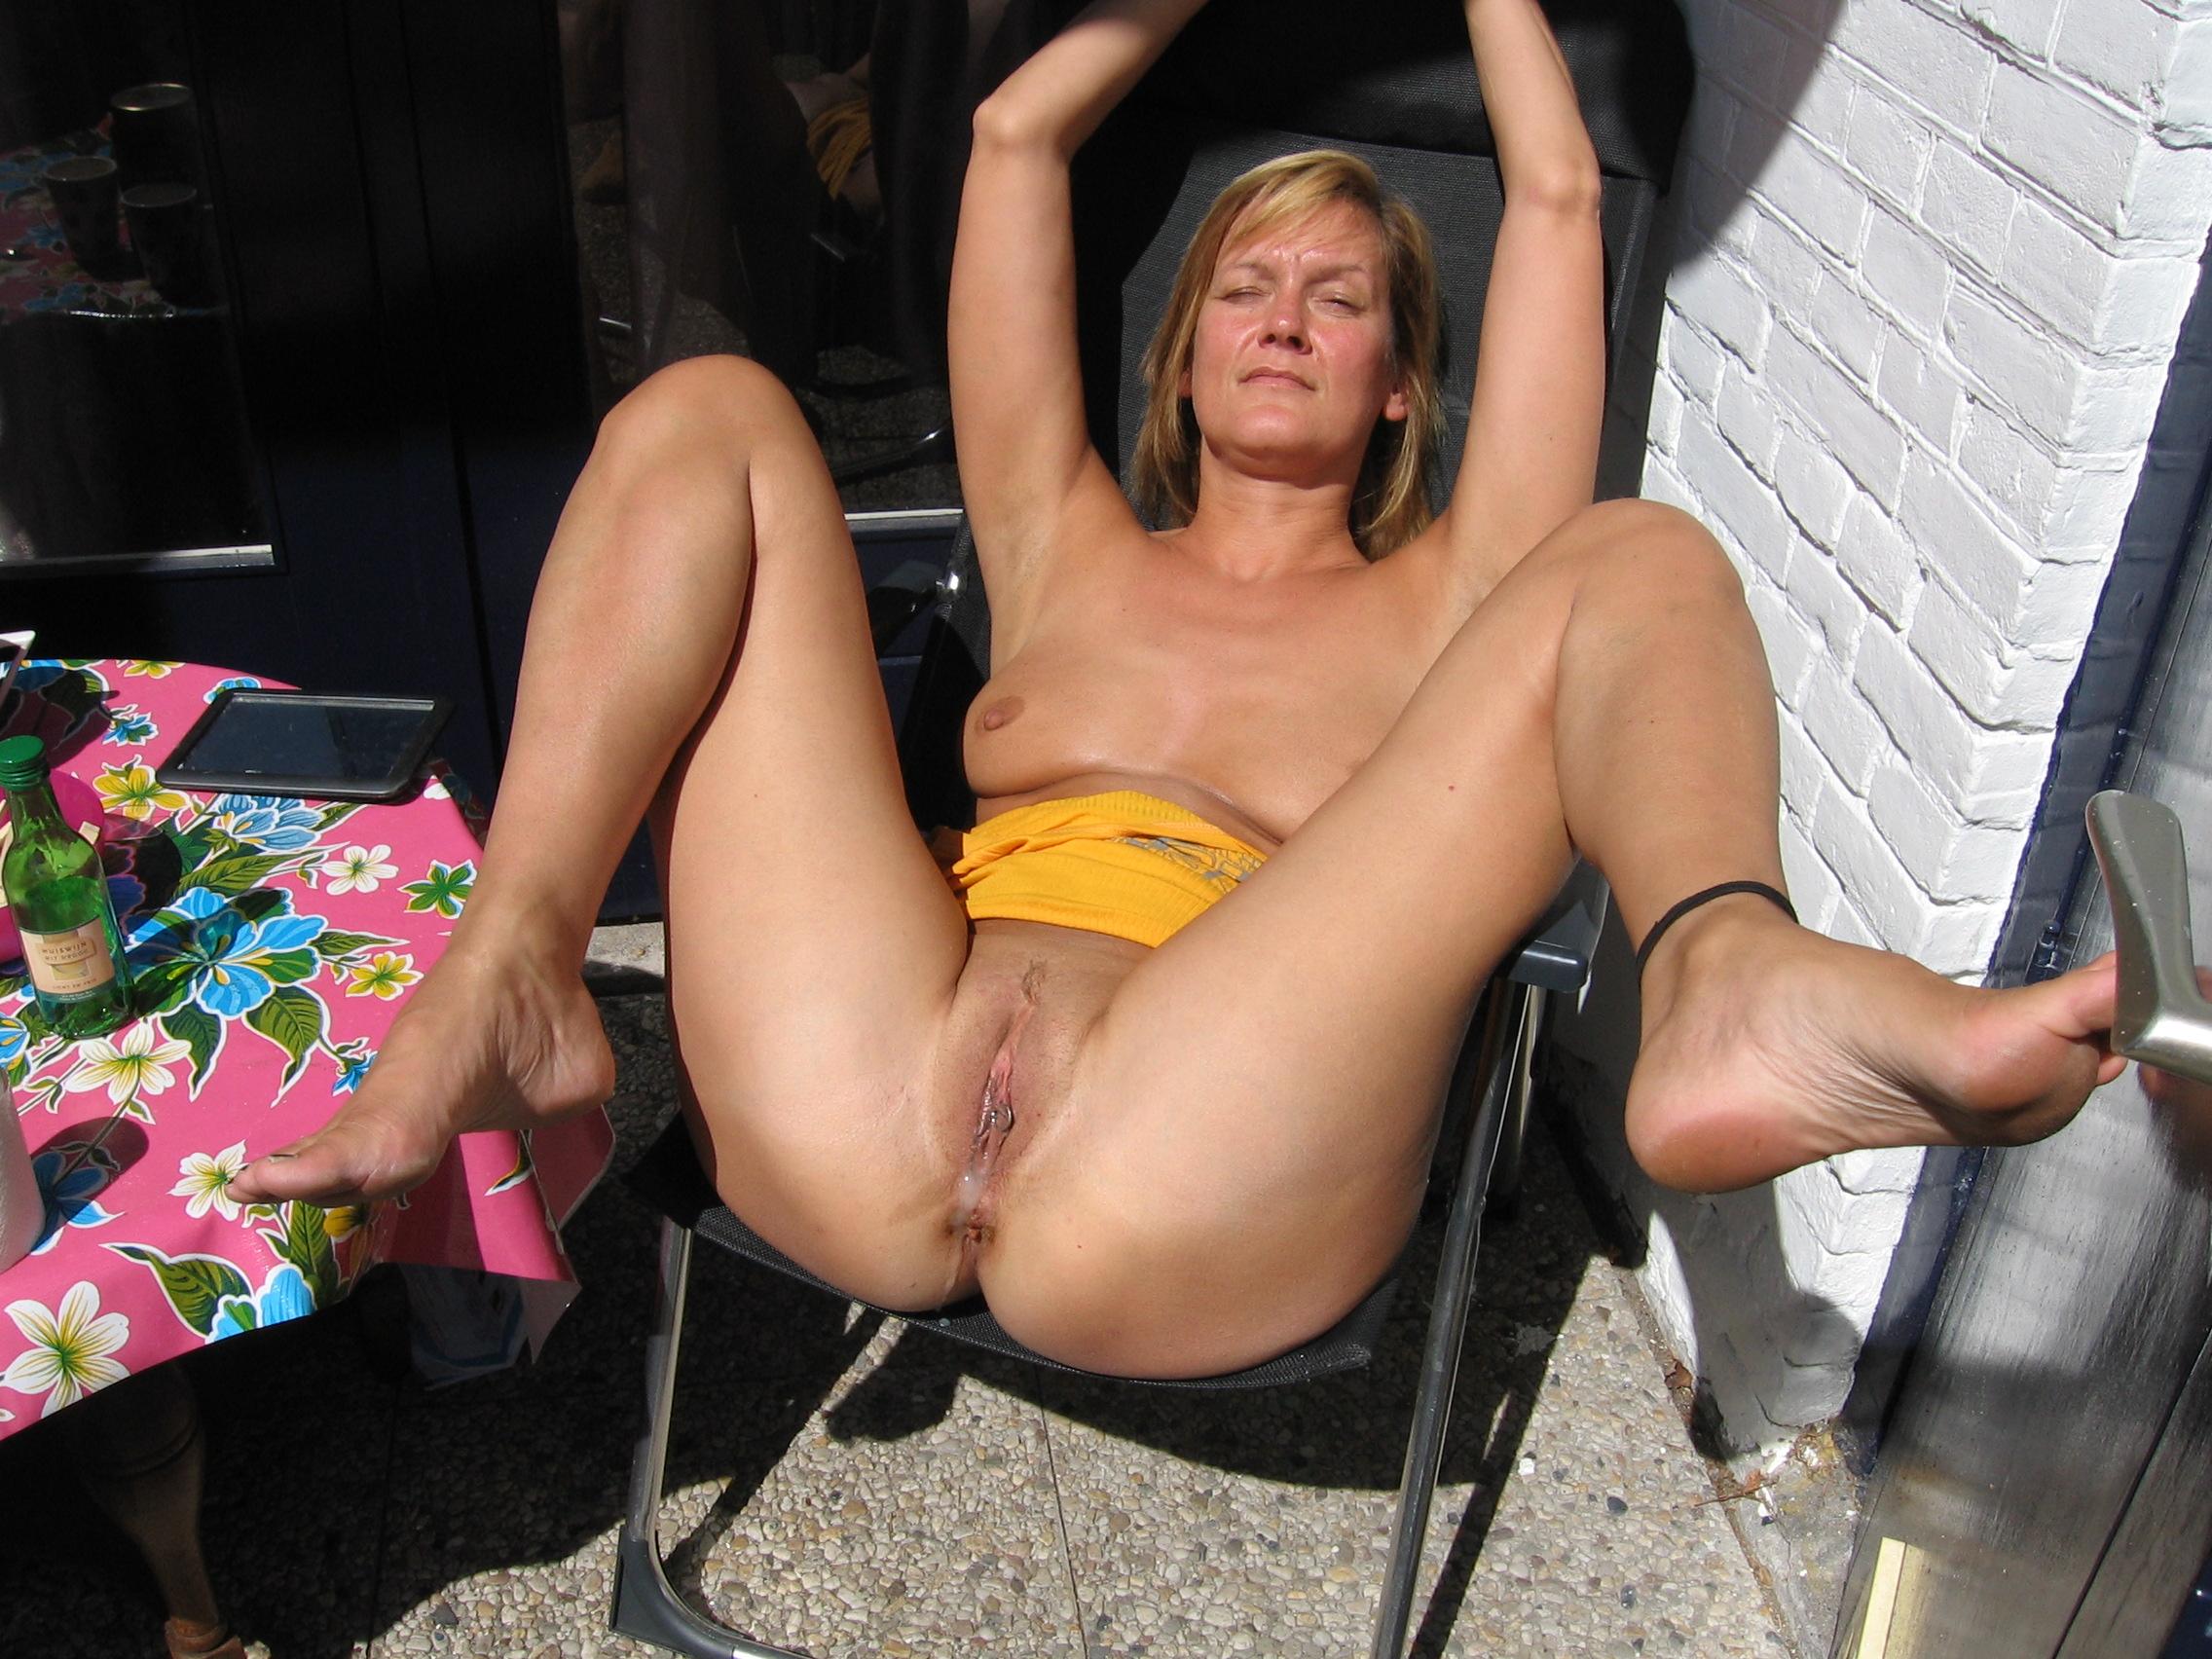 Экстрим зрелых женщин смотреть онлайн, Зрелые экстрим - видео Free Porn For Me 27 фотография